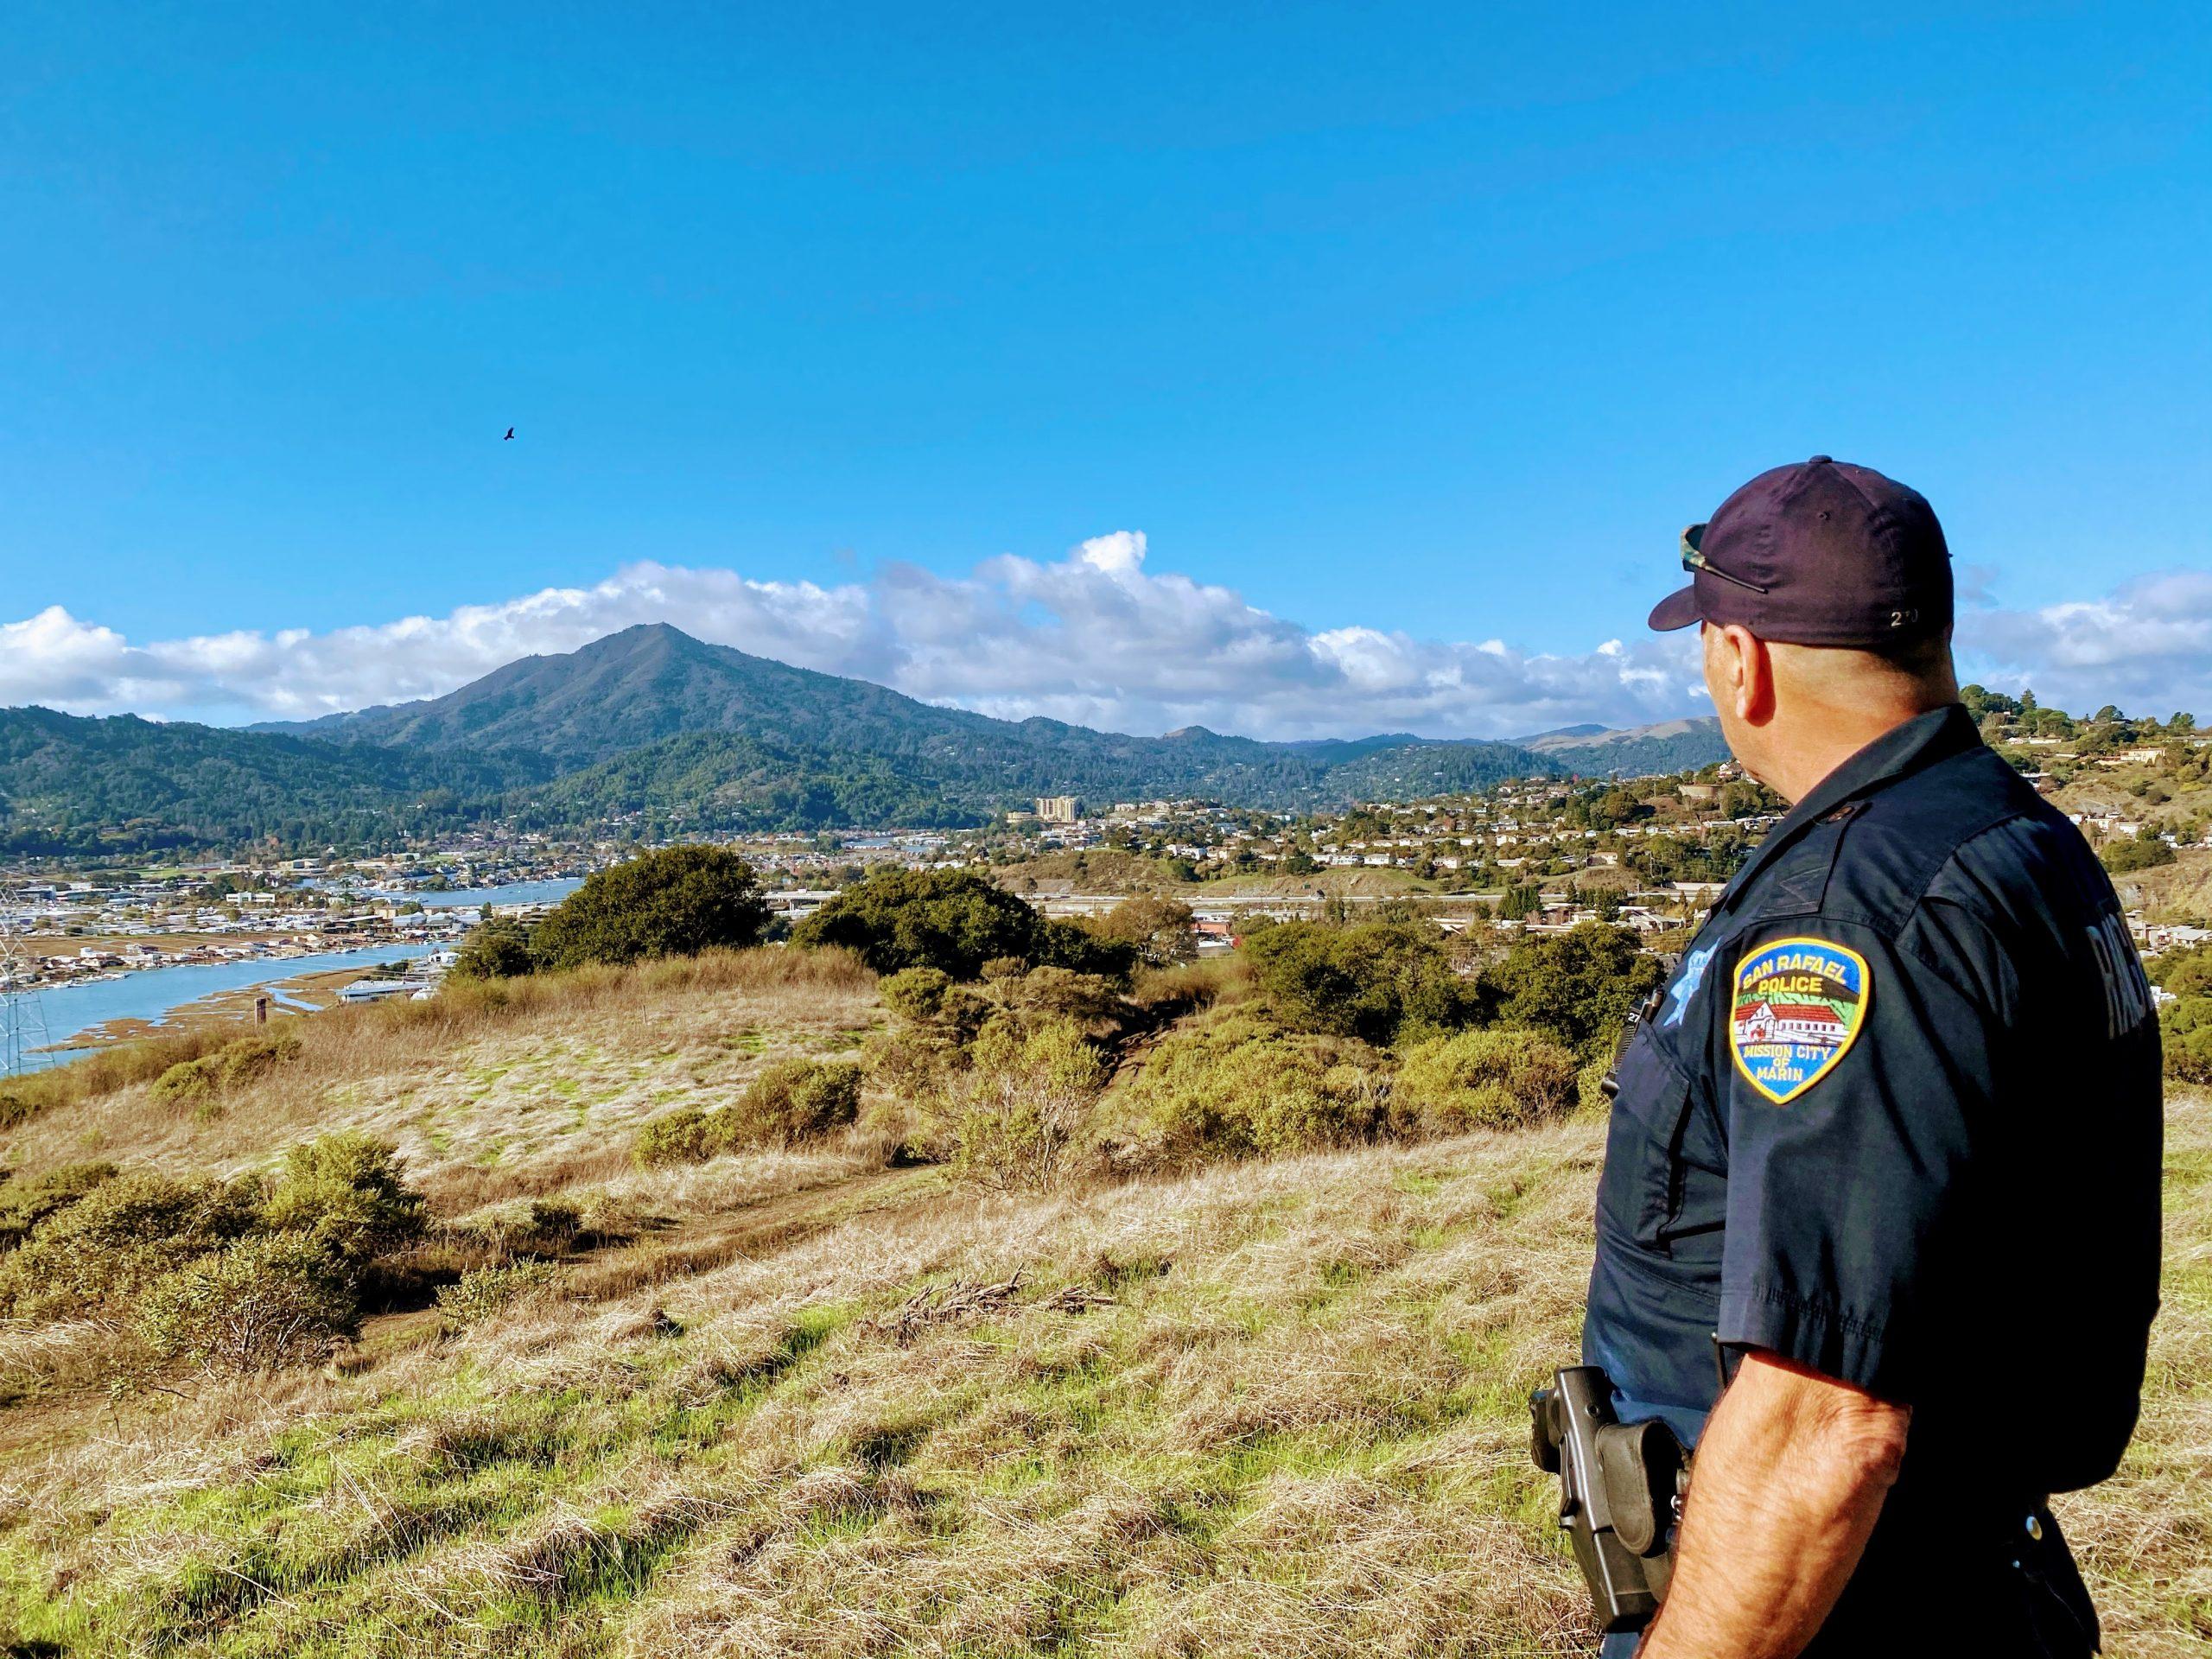 Mount Tam View - Coen